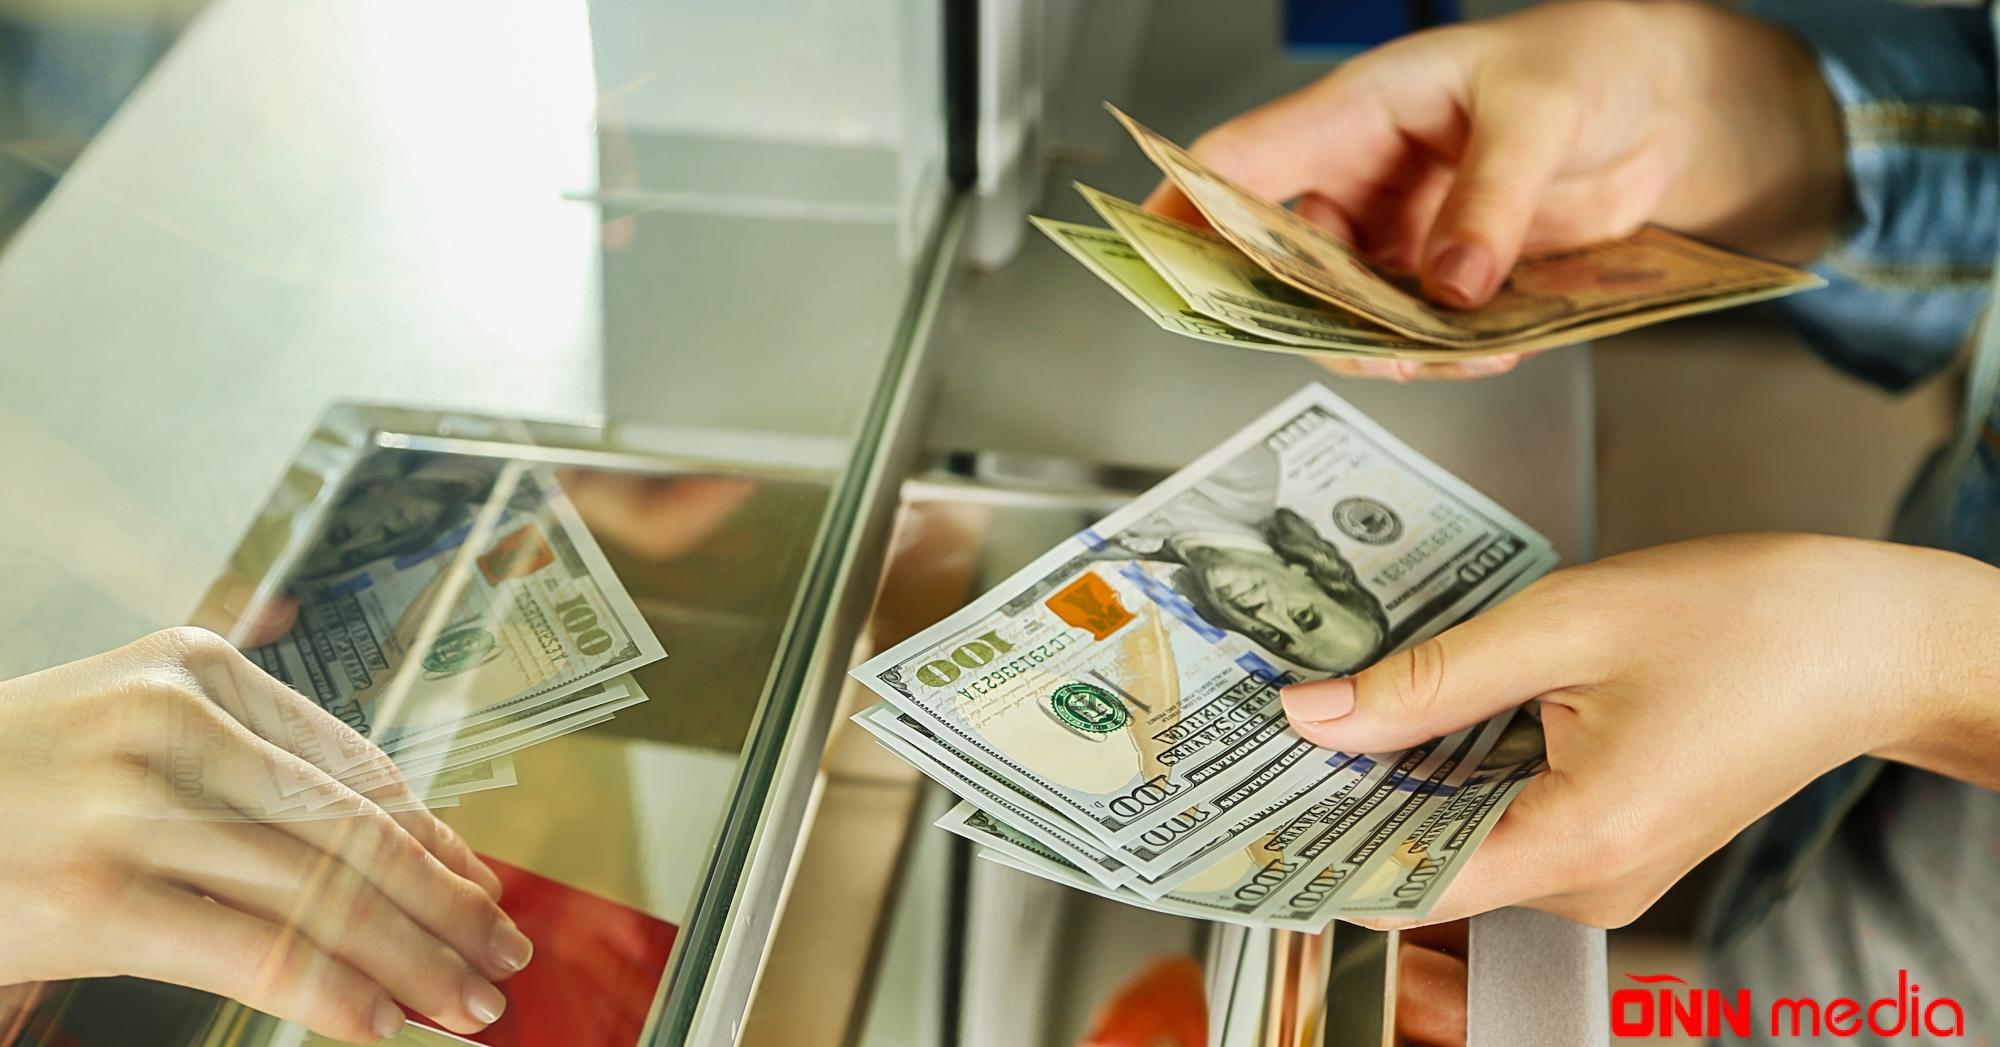 Dollar almaq istəyənlərin DİQQƏTİNƏ: Sabahdan…